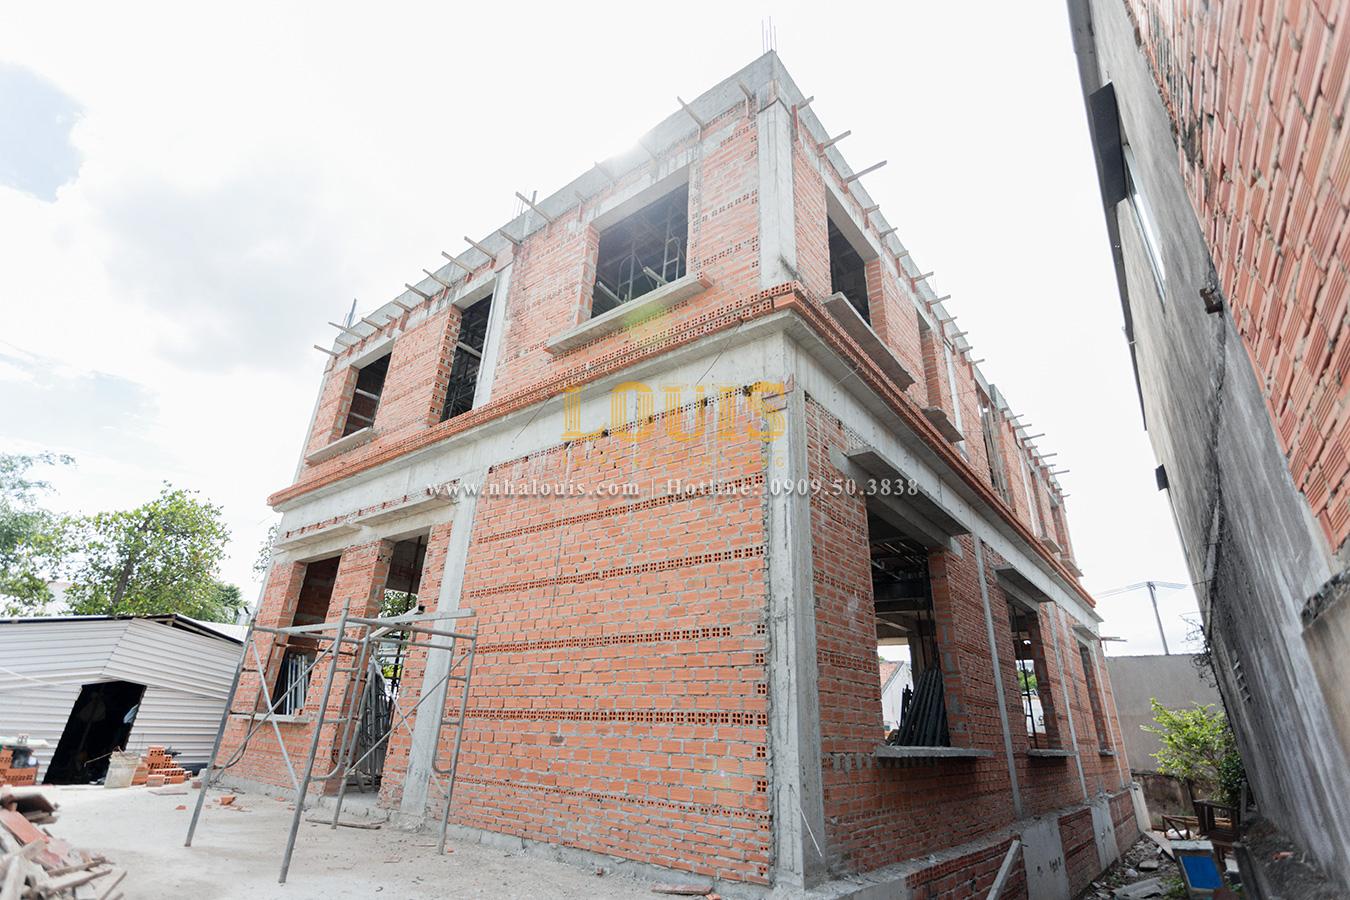 Nhật ký công trình: Dự án thi công biệt thự tân cổ điển Tân Phú